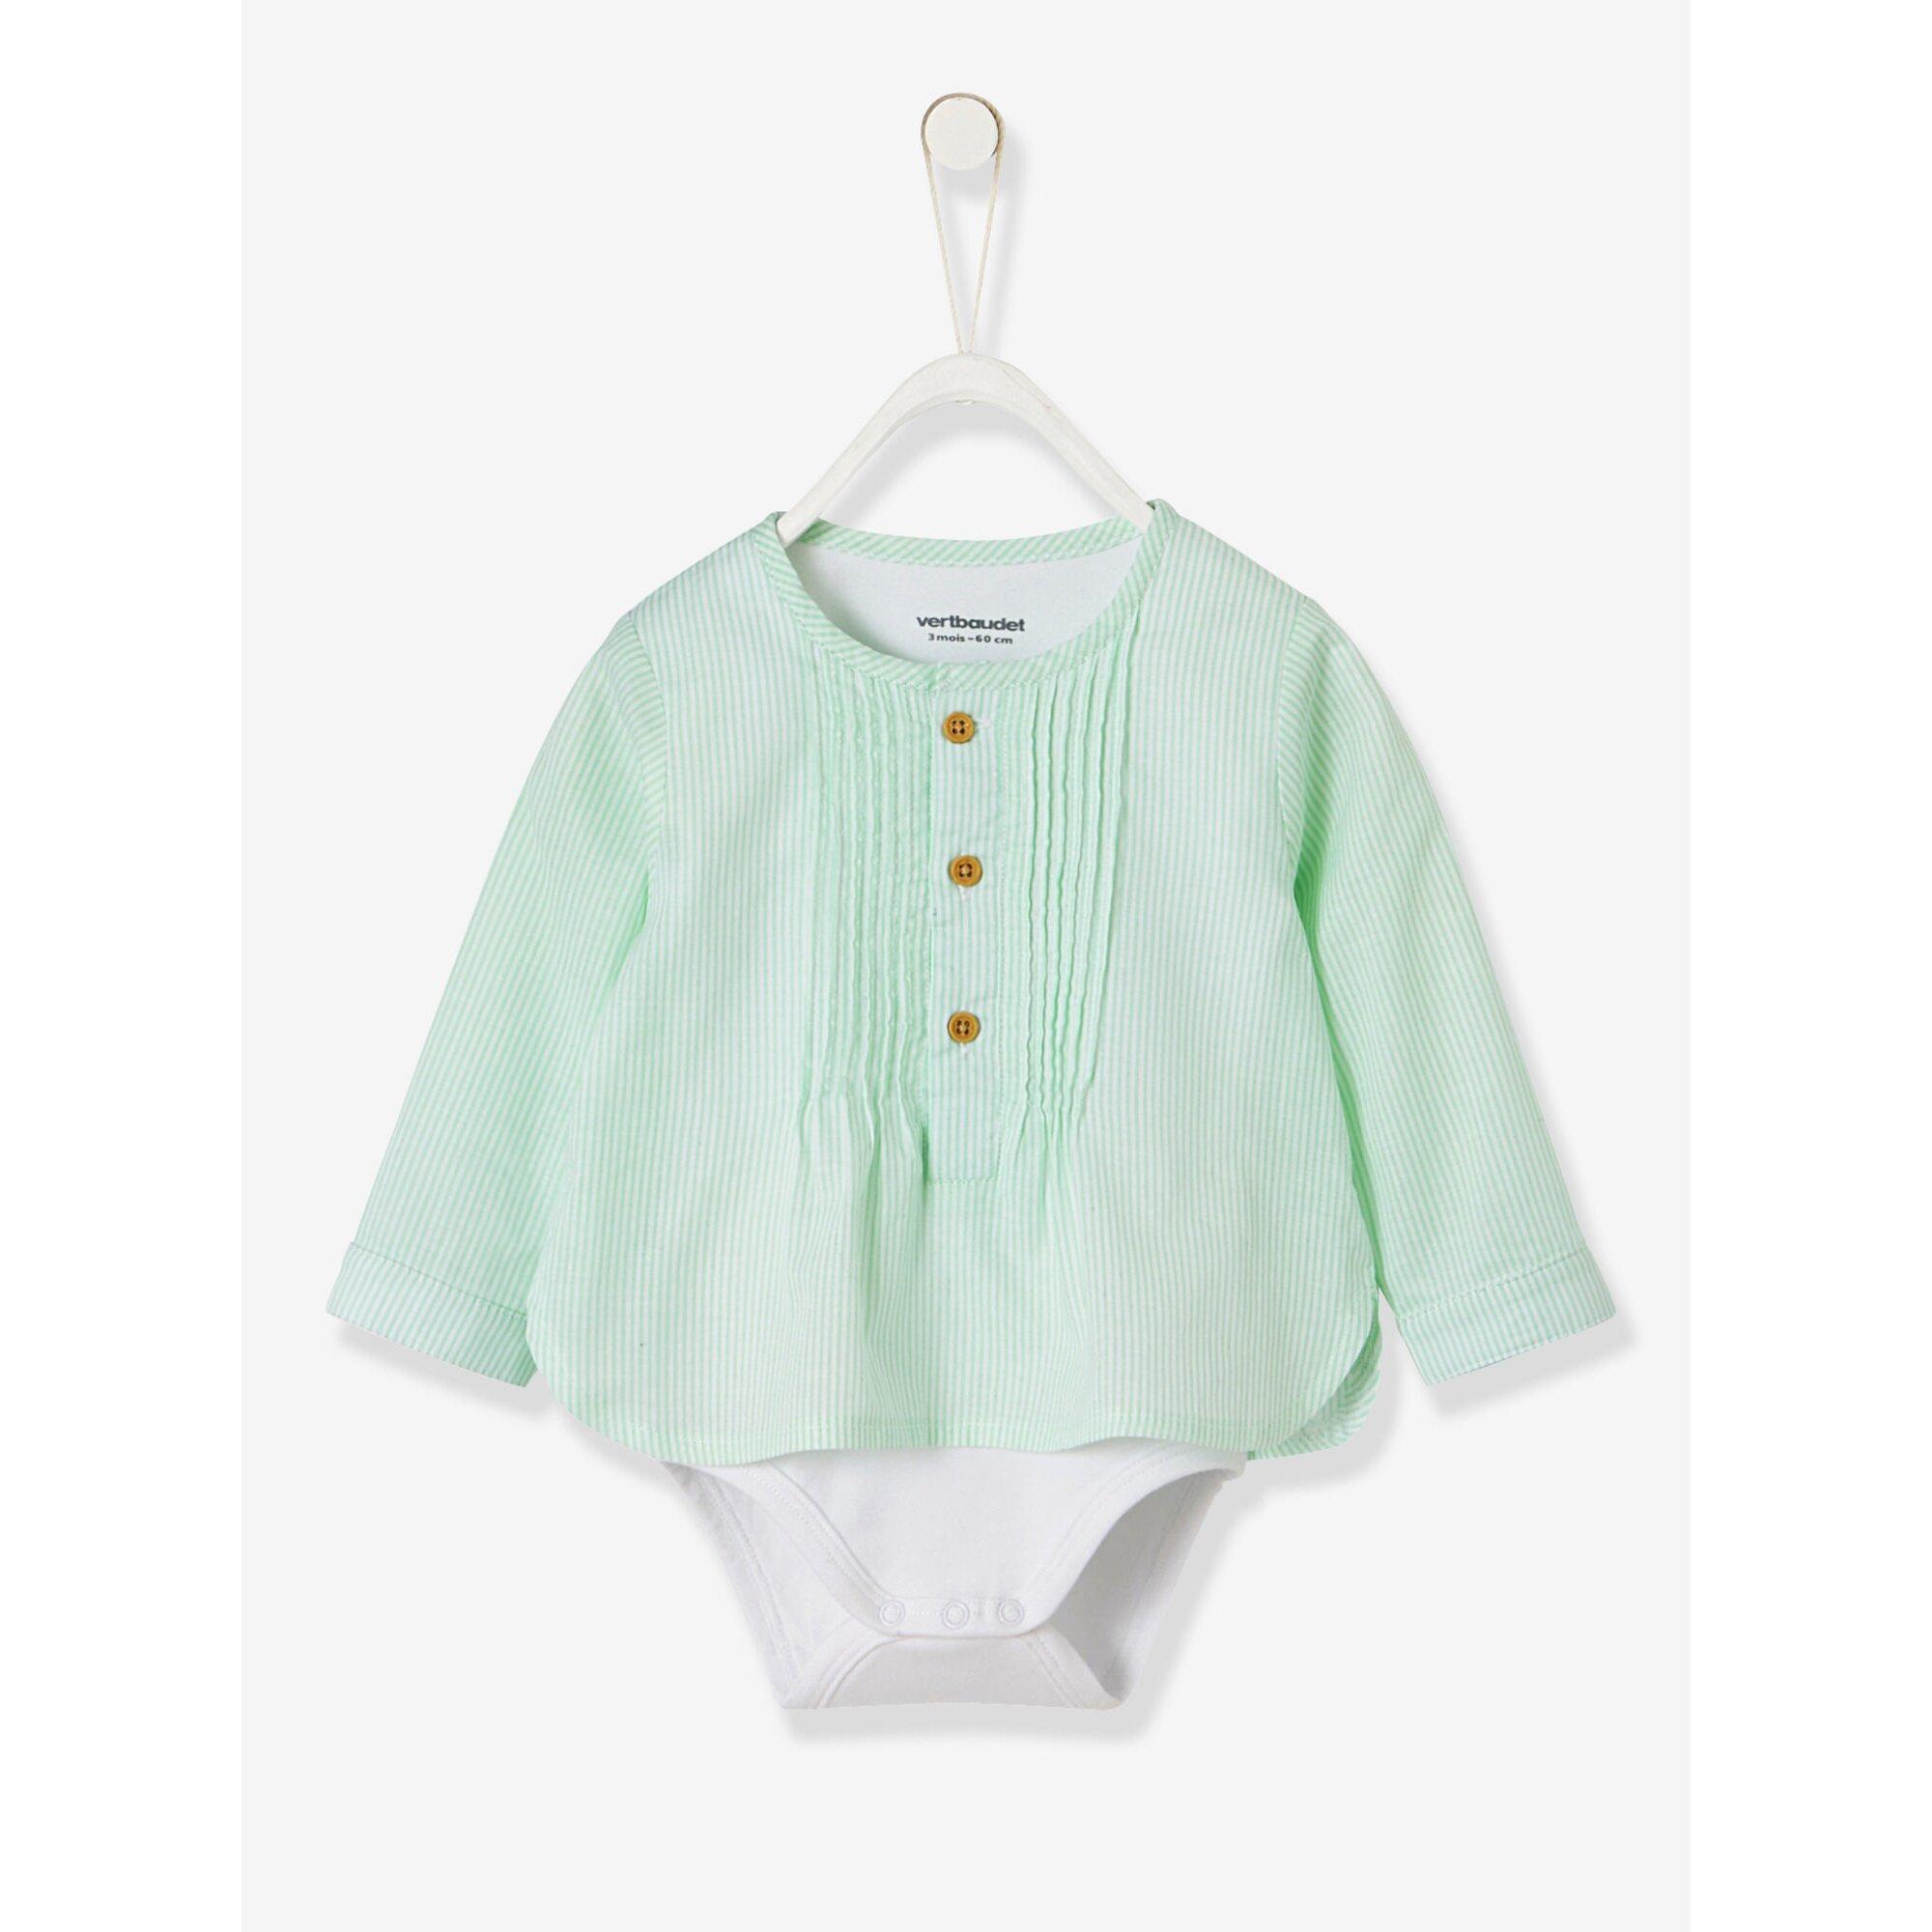 Vertbaudet Festlicher Baby Jungen Hemd-Body, gestreift